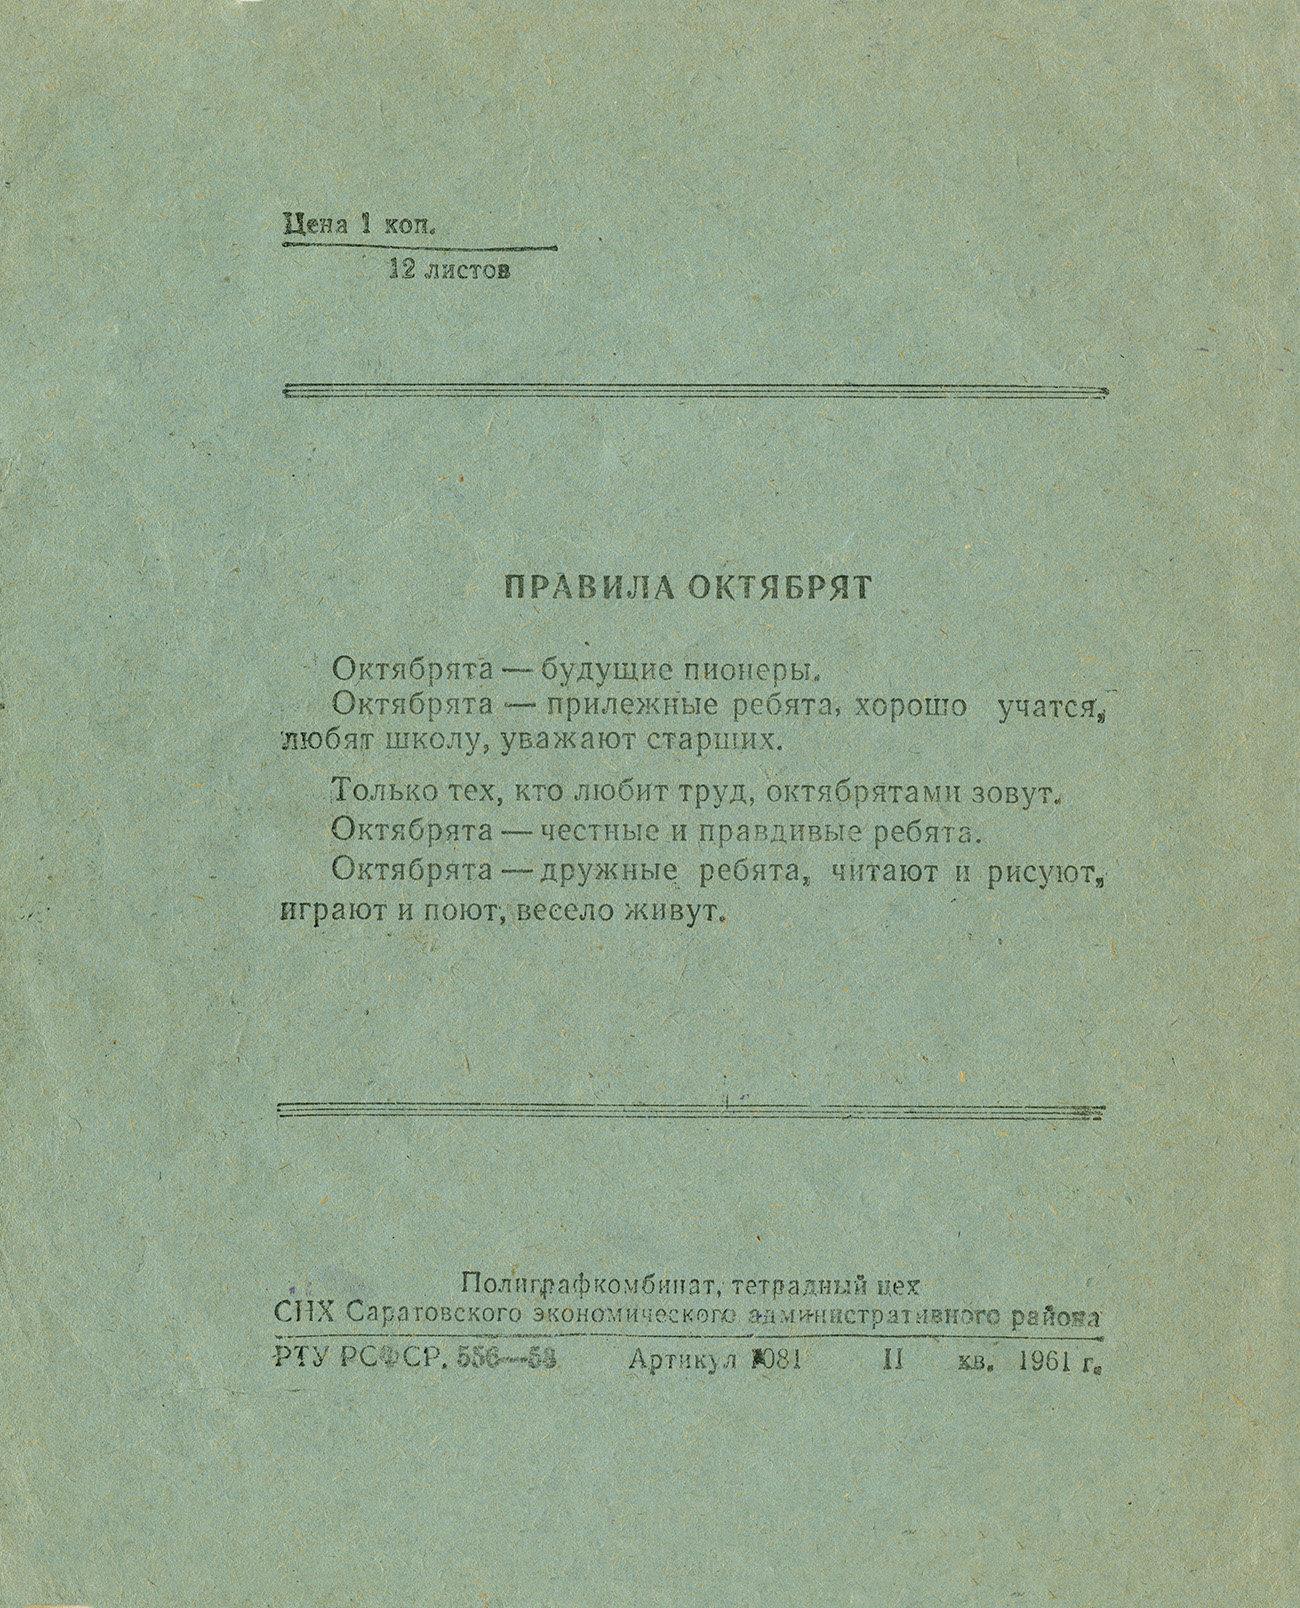 Тетрадь, 1961 г.. оборот